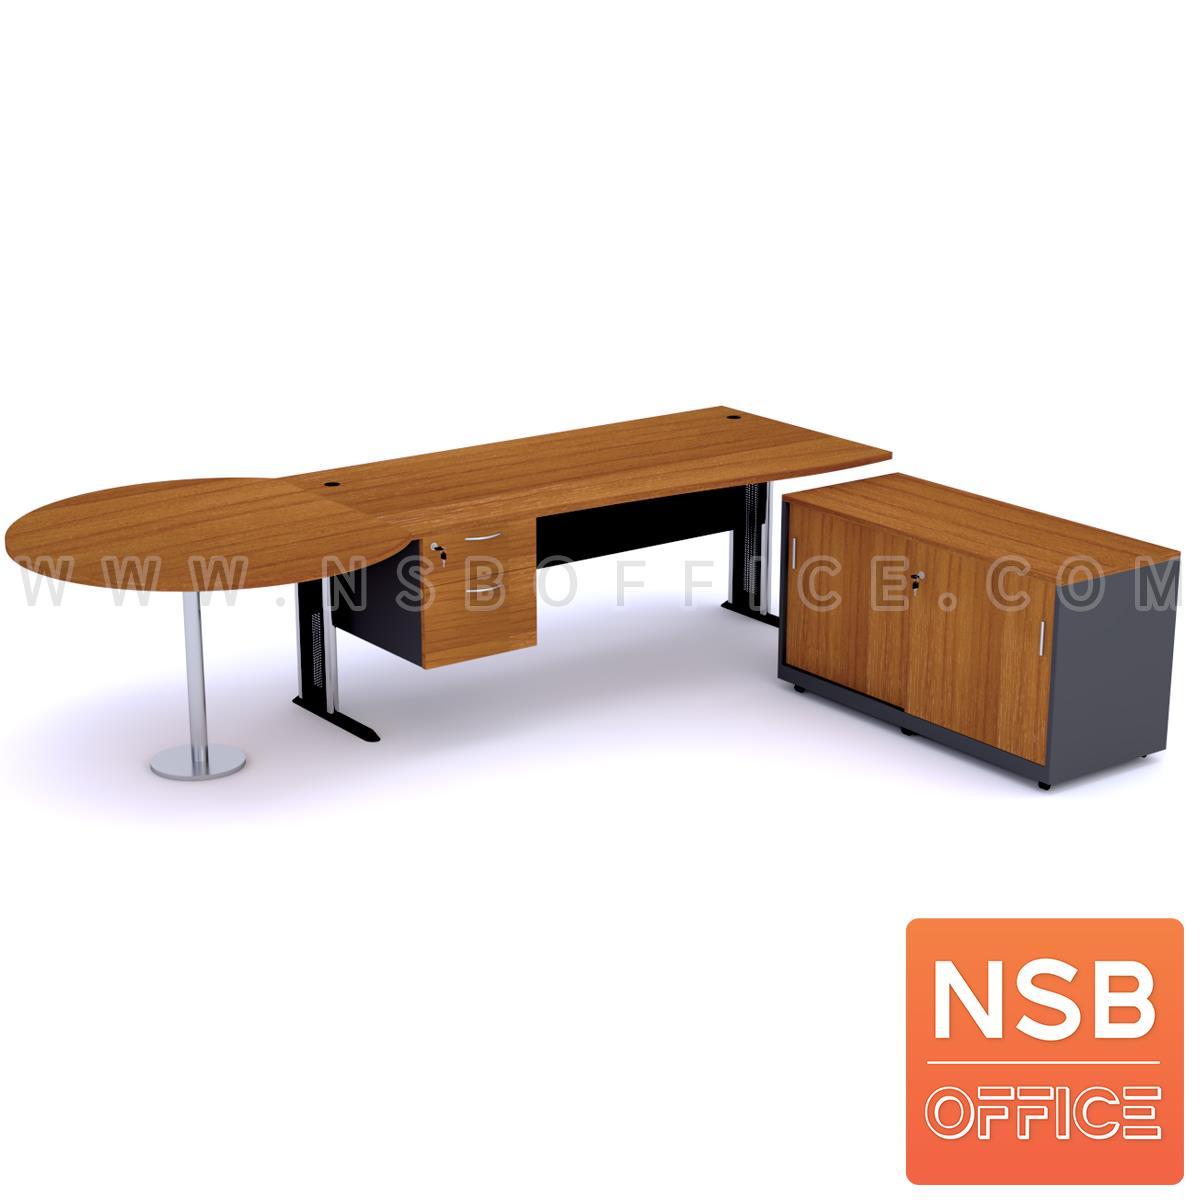 A13A031:โต๊ะผู้บริหารตัวแอล   ขนาด 300W cm. ขาเหล็กโครเมี่ยมดำ สีเชอร์รี่-ดำ *แอลตามภาพเท่านั้น*